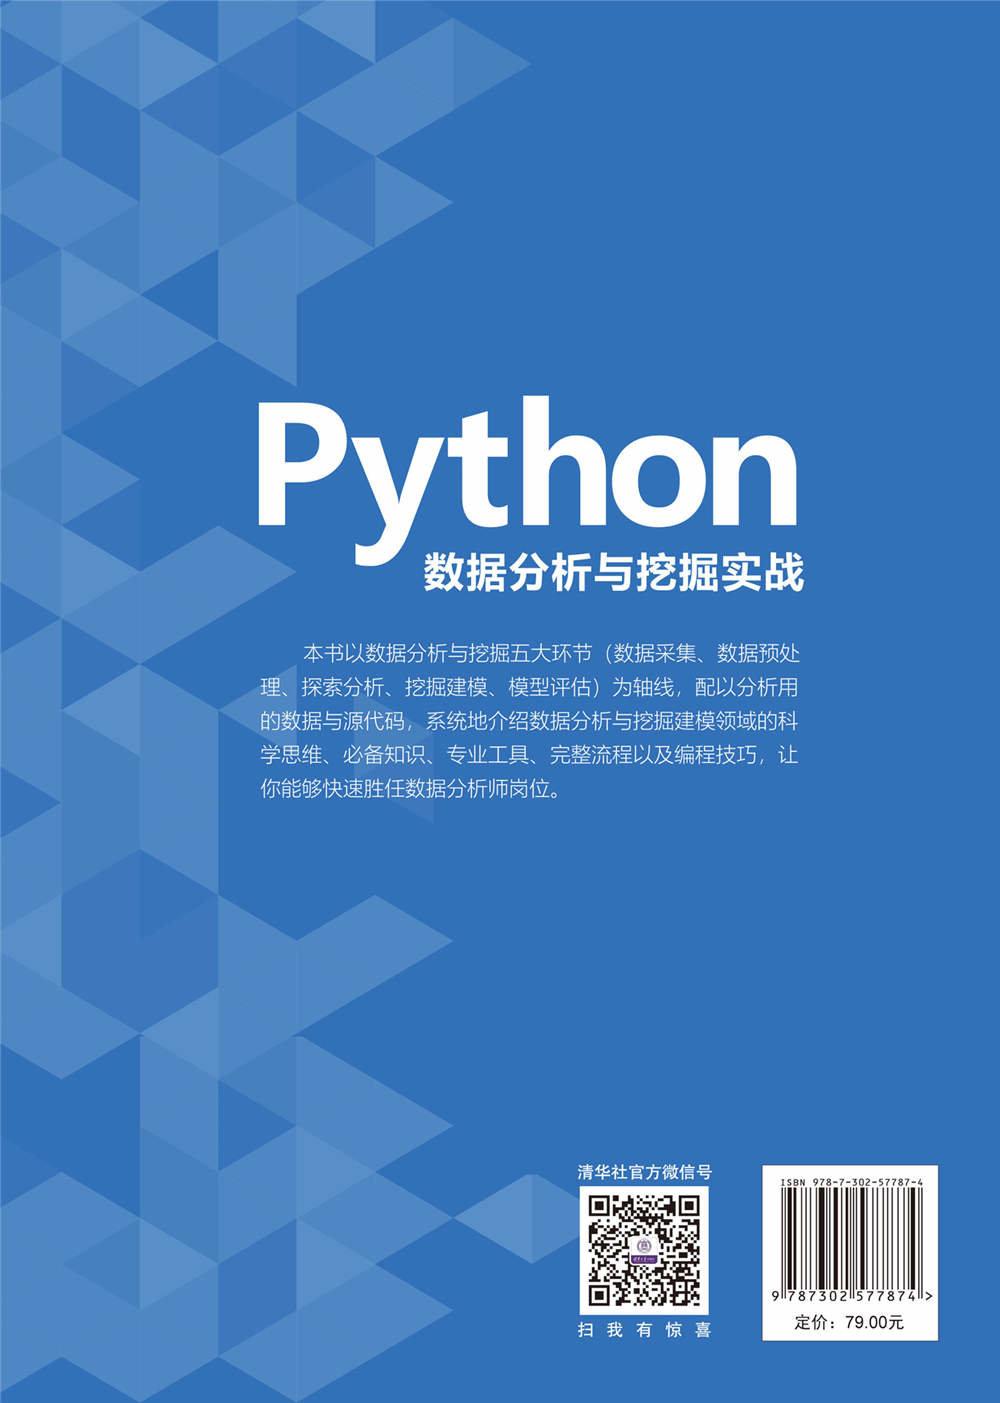 Python 數據分析與挖掘實戰-preview-2